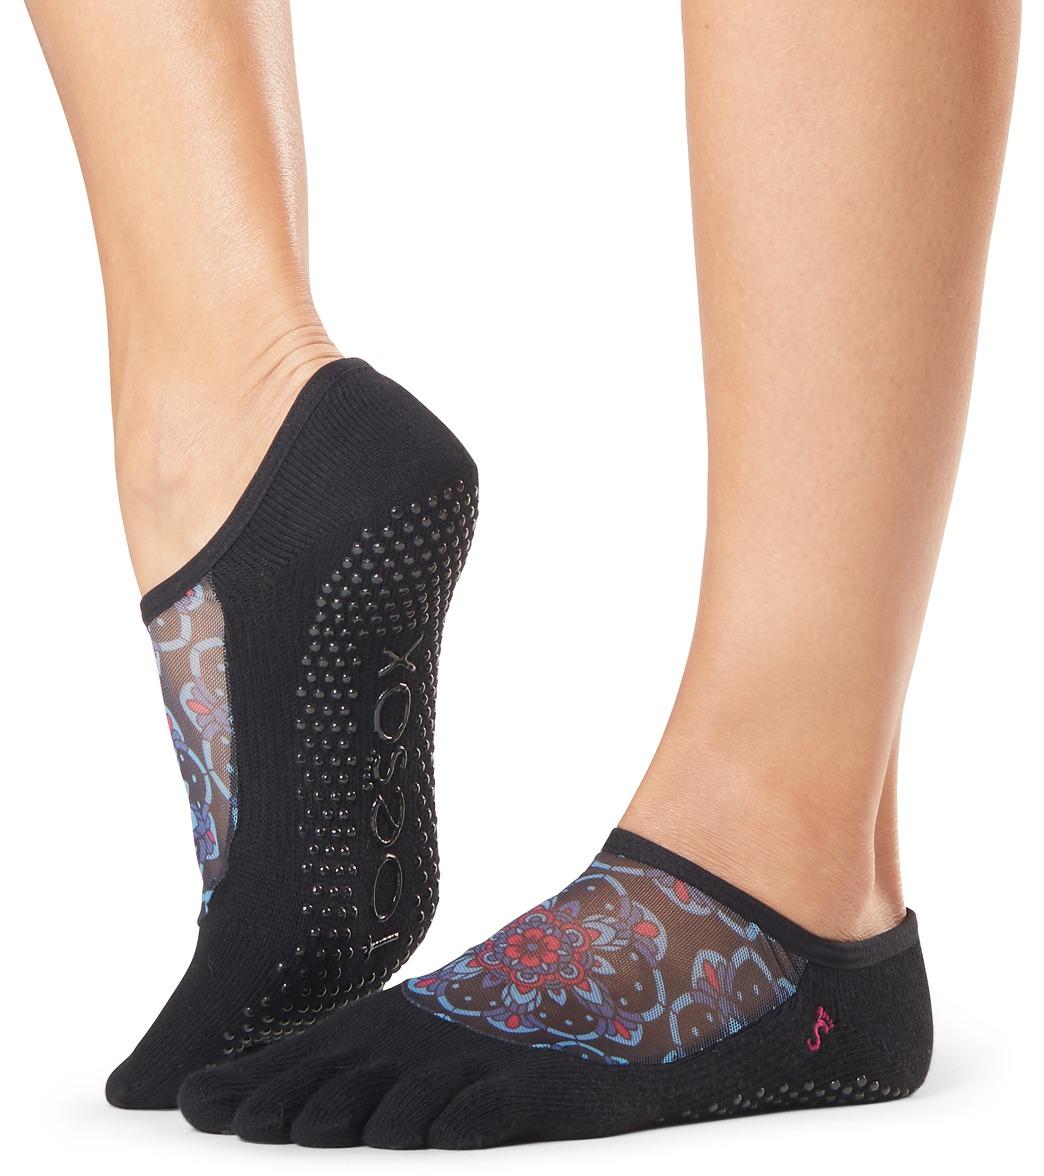 9d5fe1005f1e Toesox Luna Full-Toe Yoga Grip Socks at YogaOutlet.com